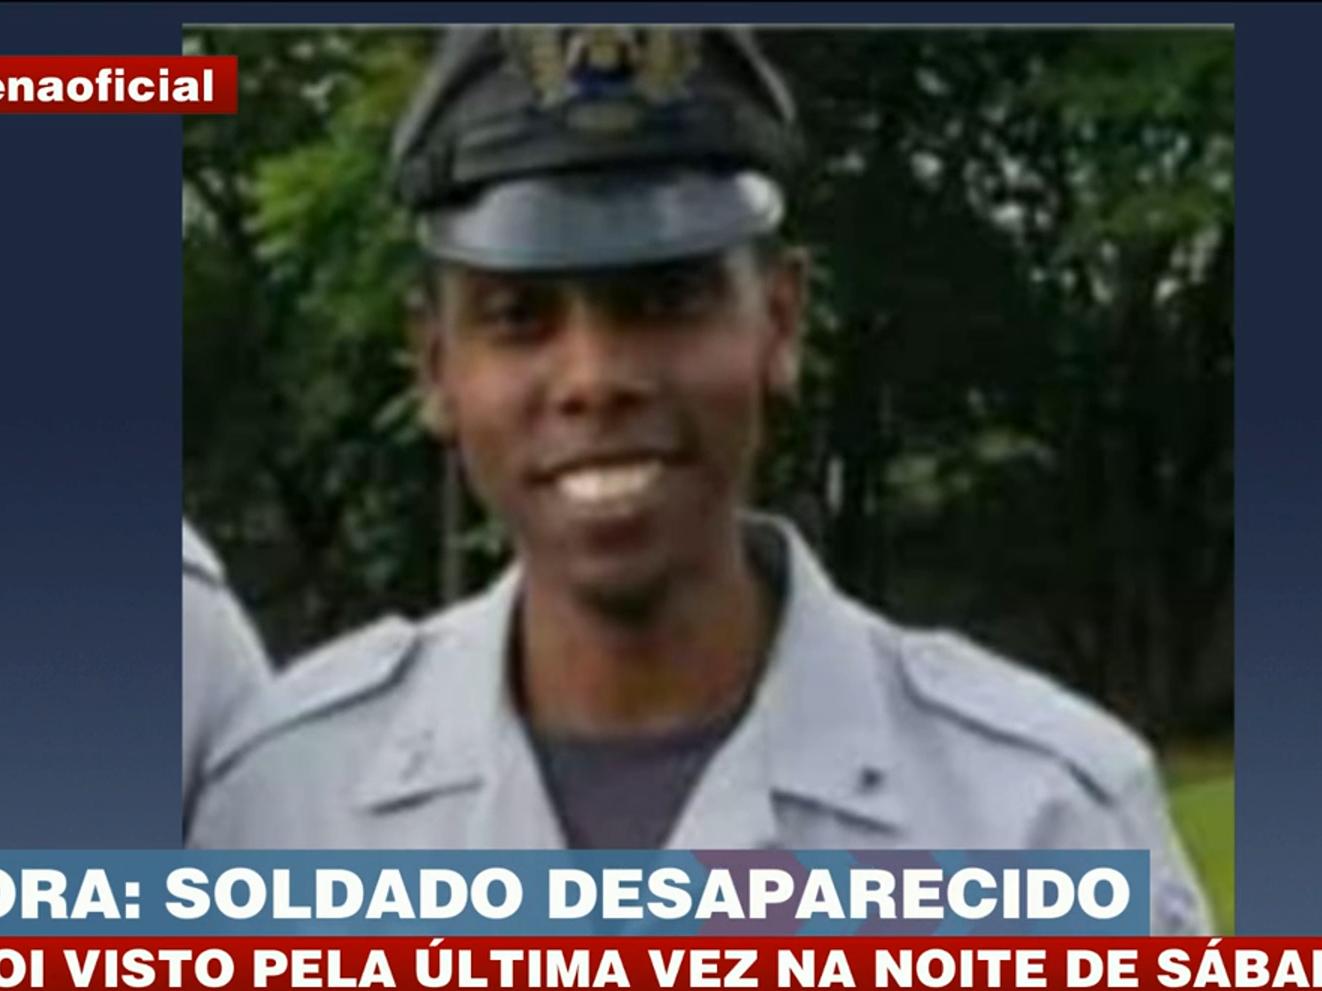 Polícia de SP busca PM desaparecido perto da estação Sacomã